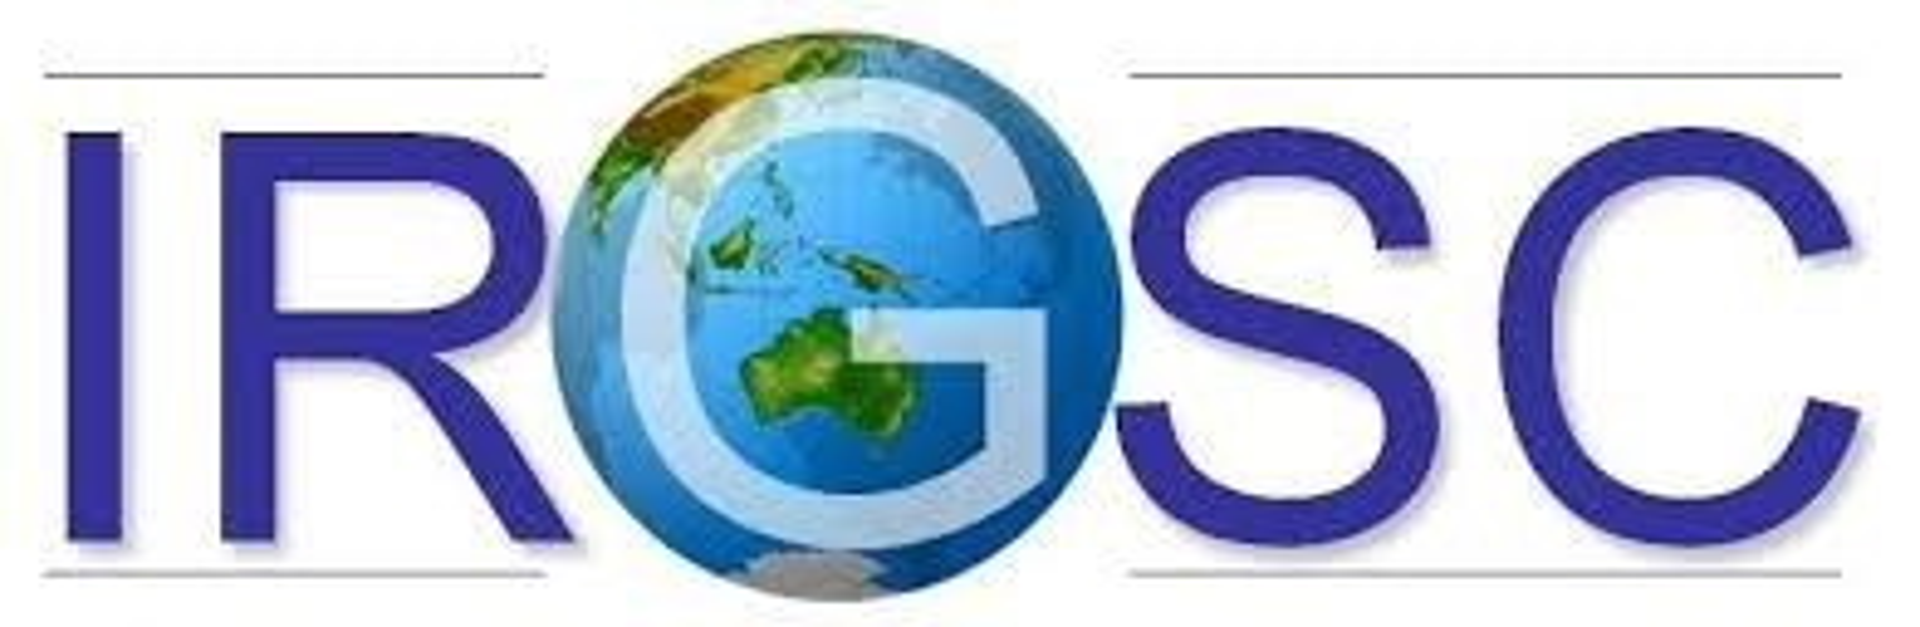 Logo 1537768177.jpeg?ixlib=rb 1.1